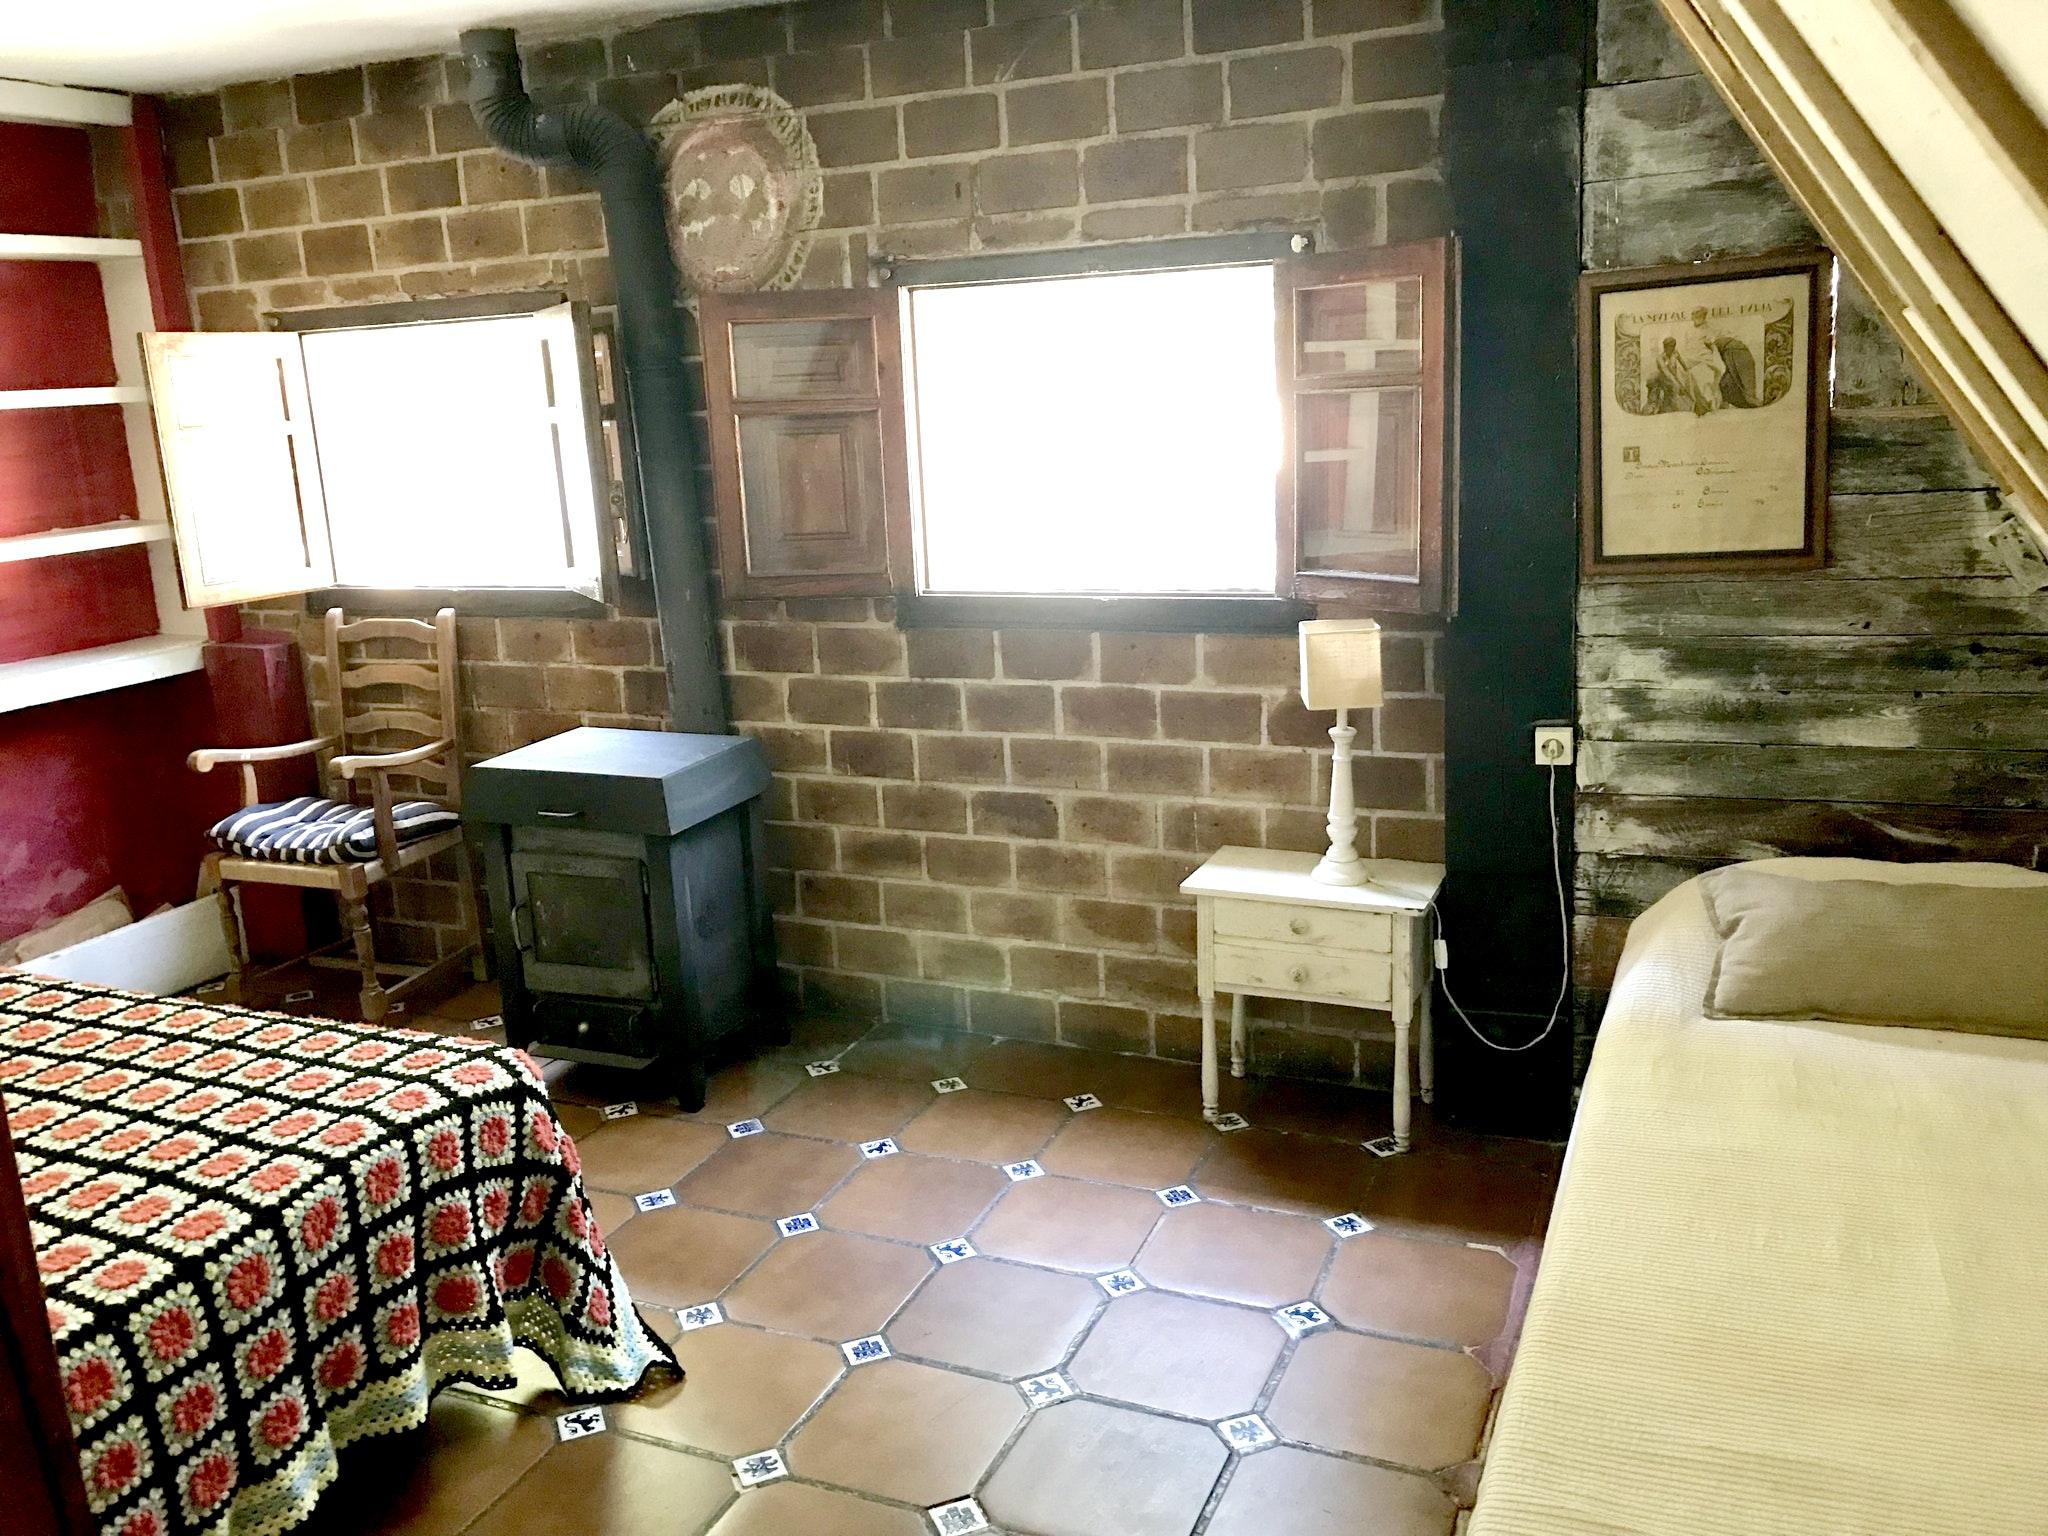 Maison de vacances Hütte mit 4 Schlafzimmern in Camarena de la Sierra mit toller Aussicht auf die Berge, priv (2474258), Camarena de la Sierra, Teruel, Aragon, Espagne, image 26